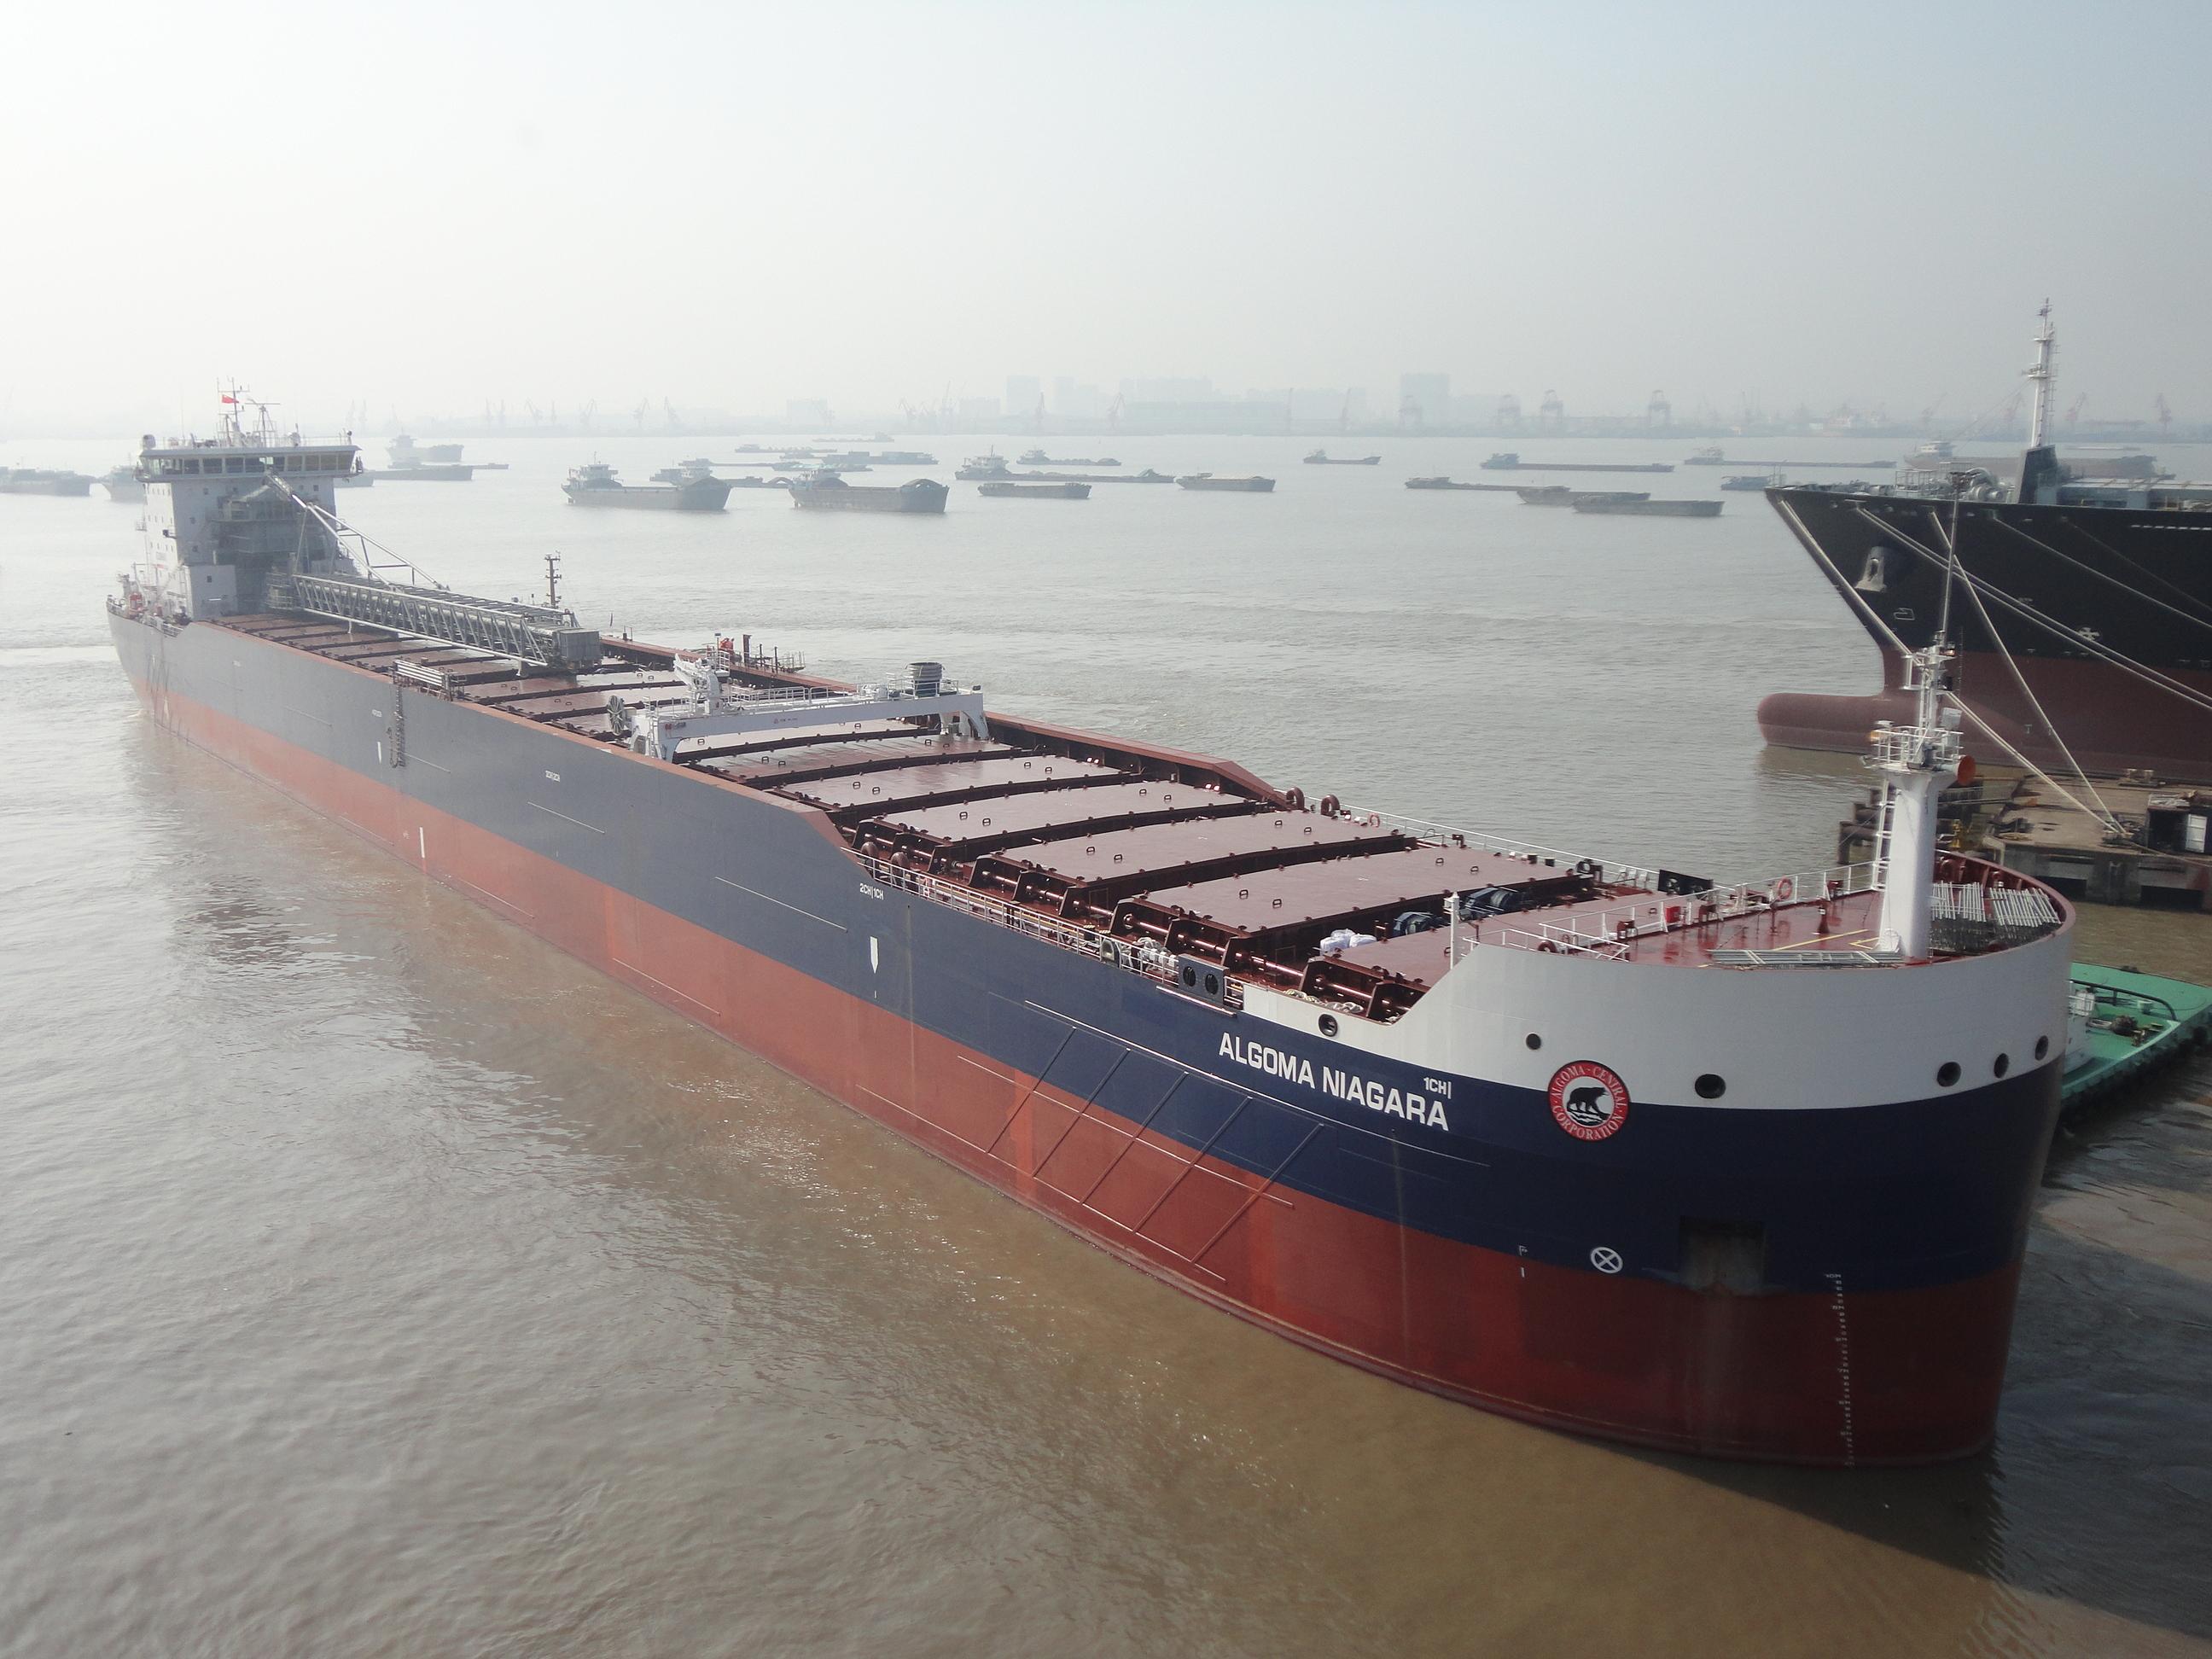 The ALGOMA NIAGARA is the first of three Equinox selfunloaders built at the Yangzijiang shipyard